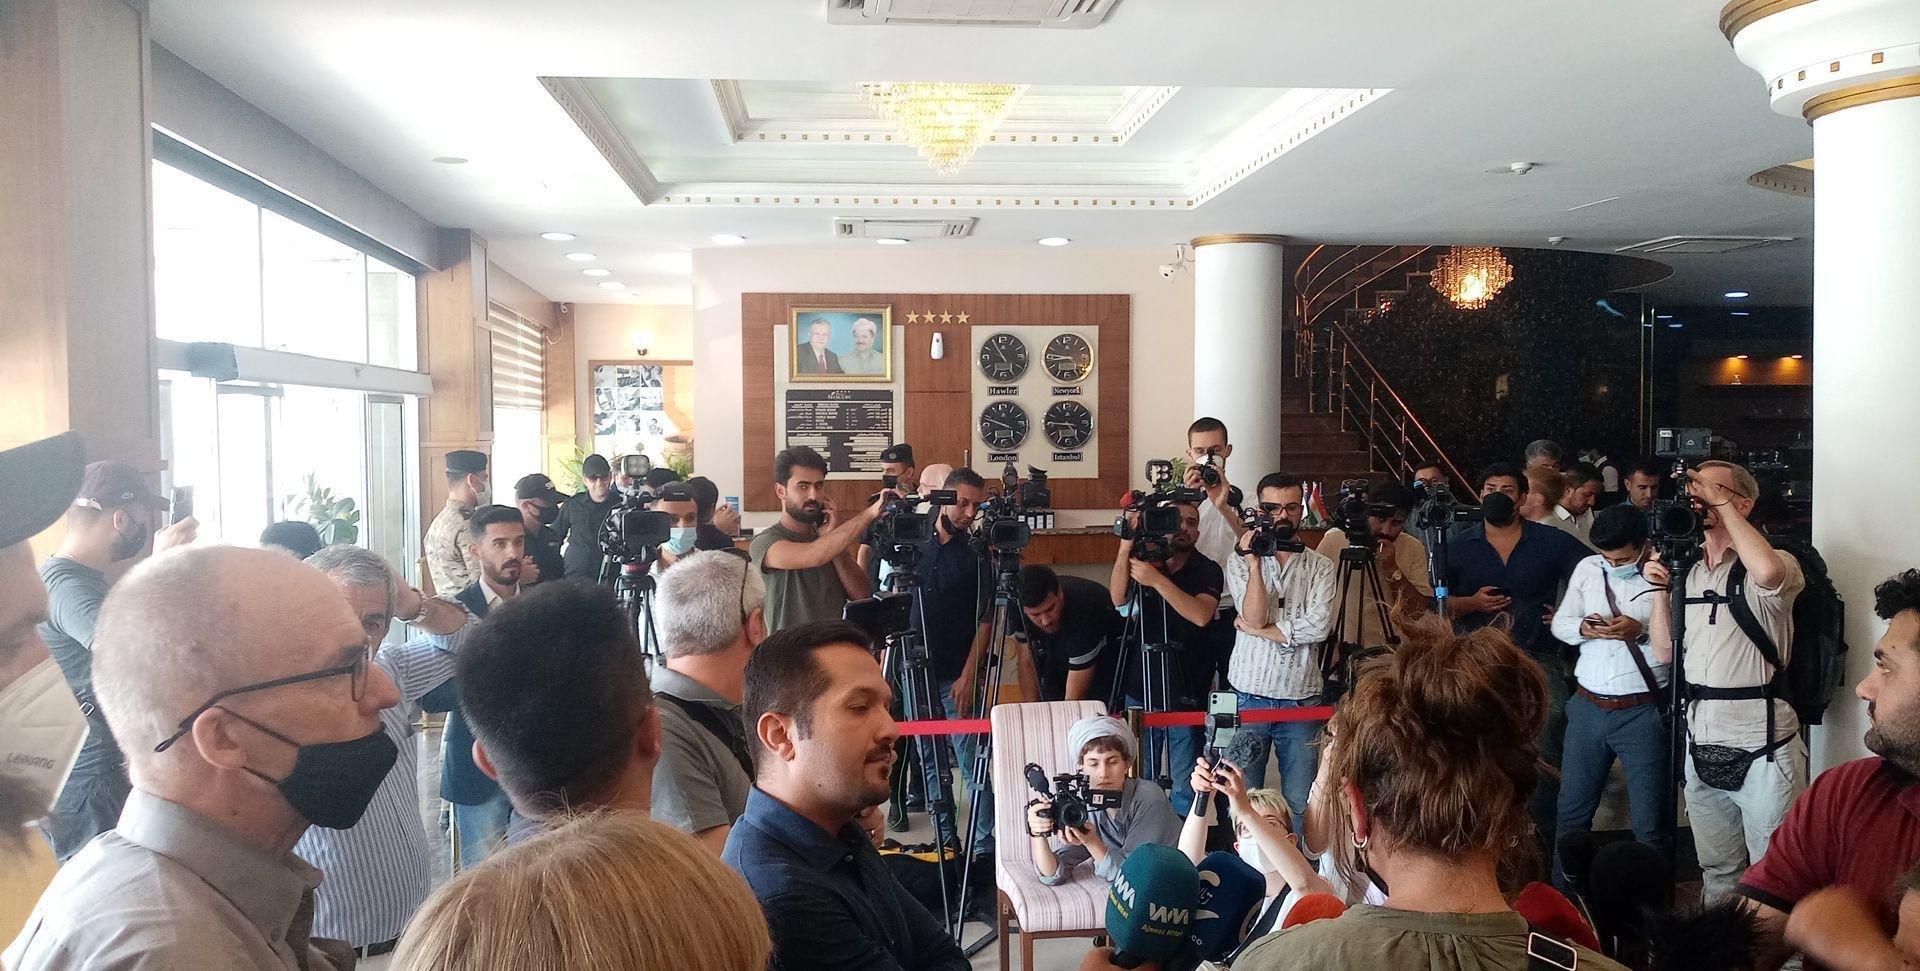 L'ensemble de la délégation de la paix dans le nord de l'Irak est actuellement retenu dans son hôtel. Cela empêche un rassemblement et une conférence de presse devant la représentation de l'ONU à Erbil, comme l'avait promis hier un représentant du gouvernement. Une trentaine de Peshmerga armés de fusils d'assaut retiennent actuellement dans leur hôtel les 60 membres de la délégation pour la paix dans le nord de l'Irak. Hier encore, la délégation avait rencontré le ministre des affaires étrangères de la région autonome du Kurdistan (PDK) et reçu une promesse pour le rassemblement. Actuellement, il semble y avoir un assouplissement de la détention, mais toutes les manifestations sont toujours interdites.